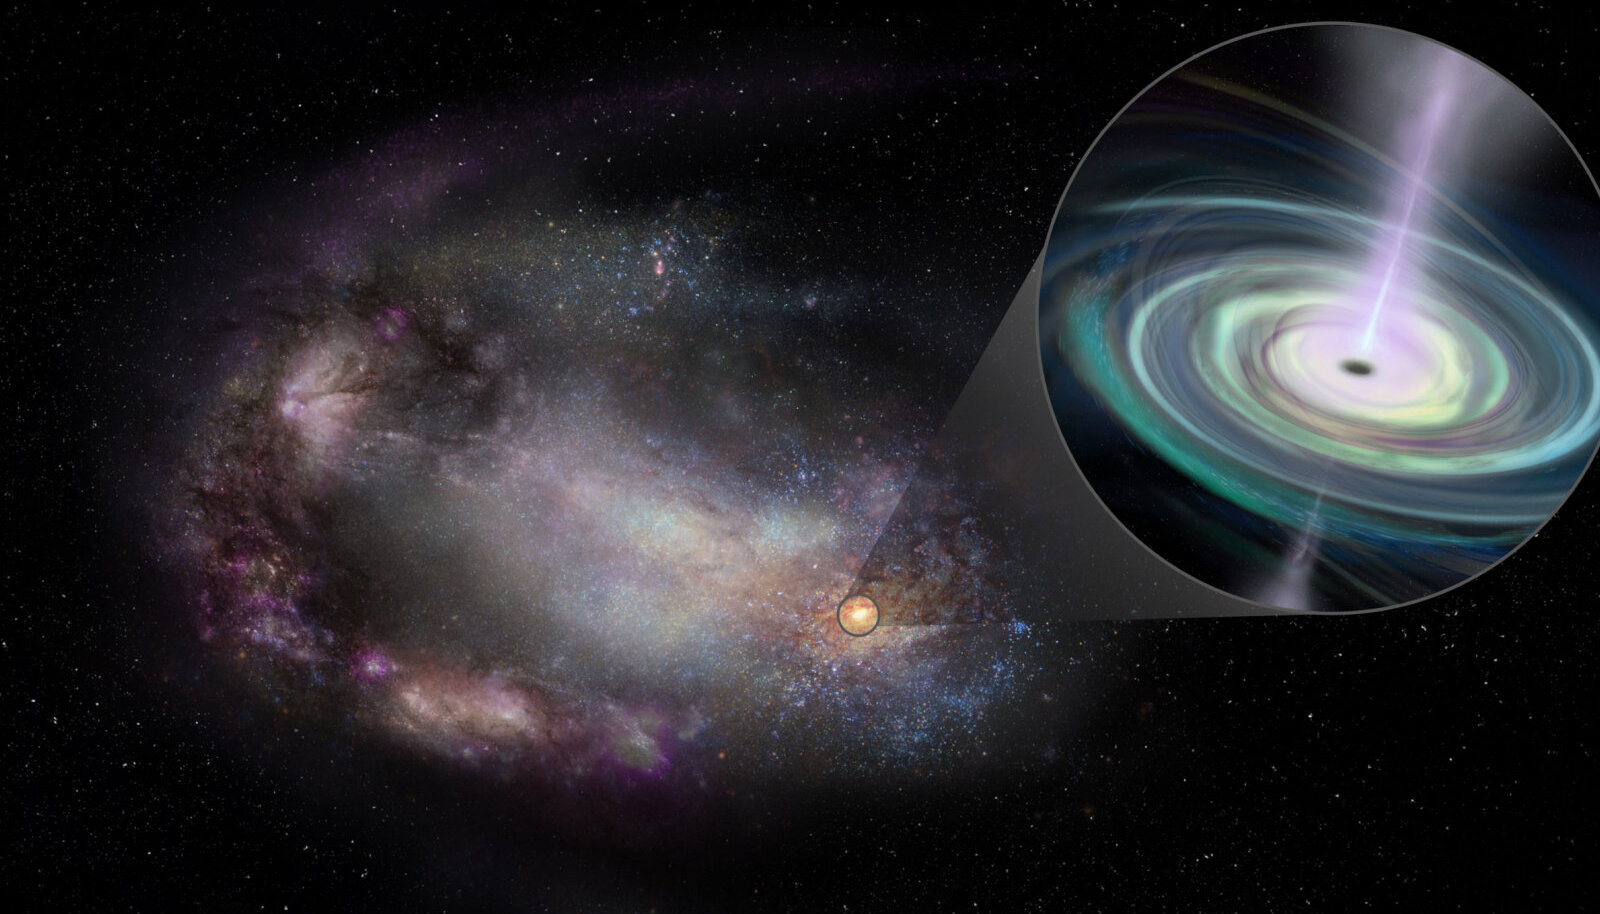 Kääbusgalaktikates ei pruugi mustad augud asuda galaktikate keskmes